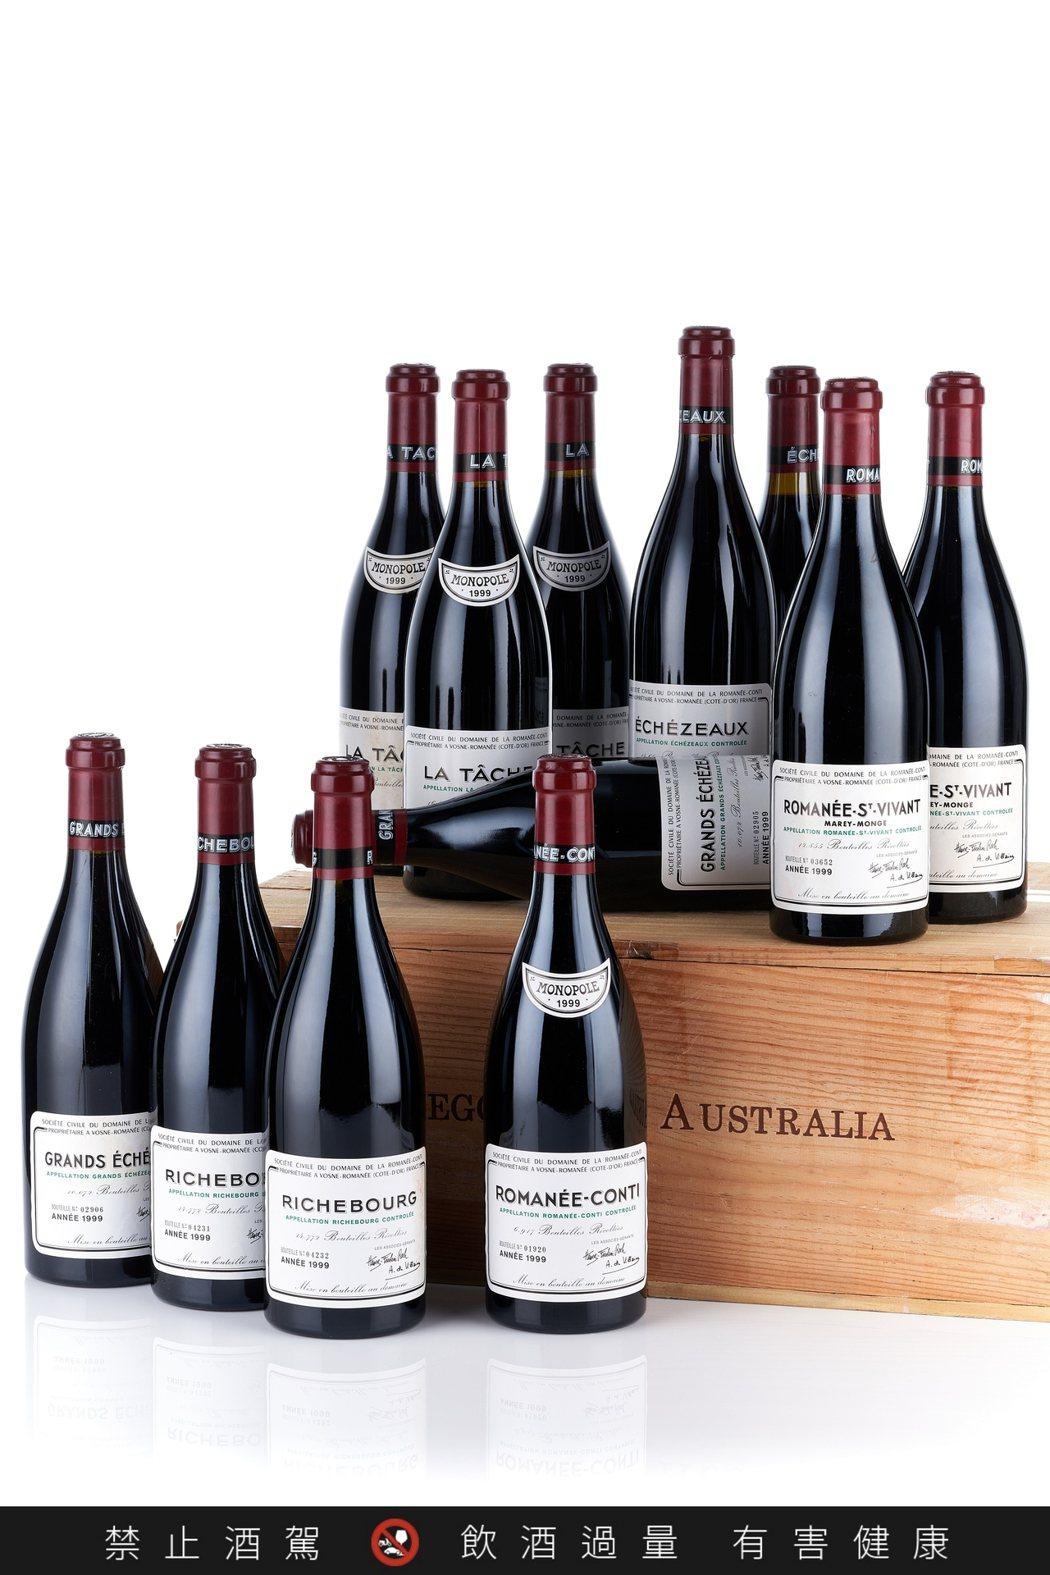 香港邦瀚斯拍品382,原裝木箱12瓶的羅曼尼康帝酒莊套裝1999年,42萬港元起...